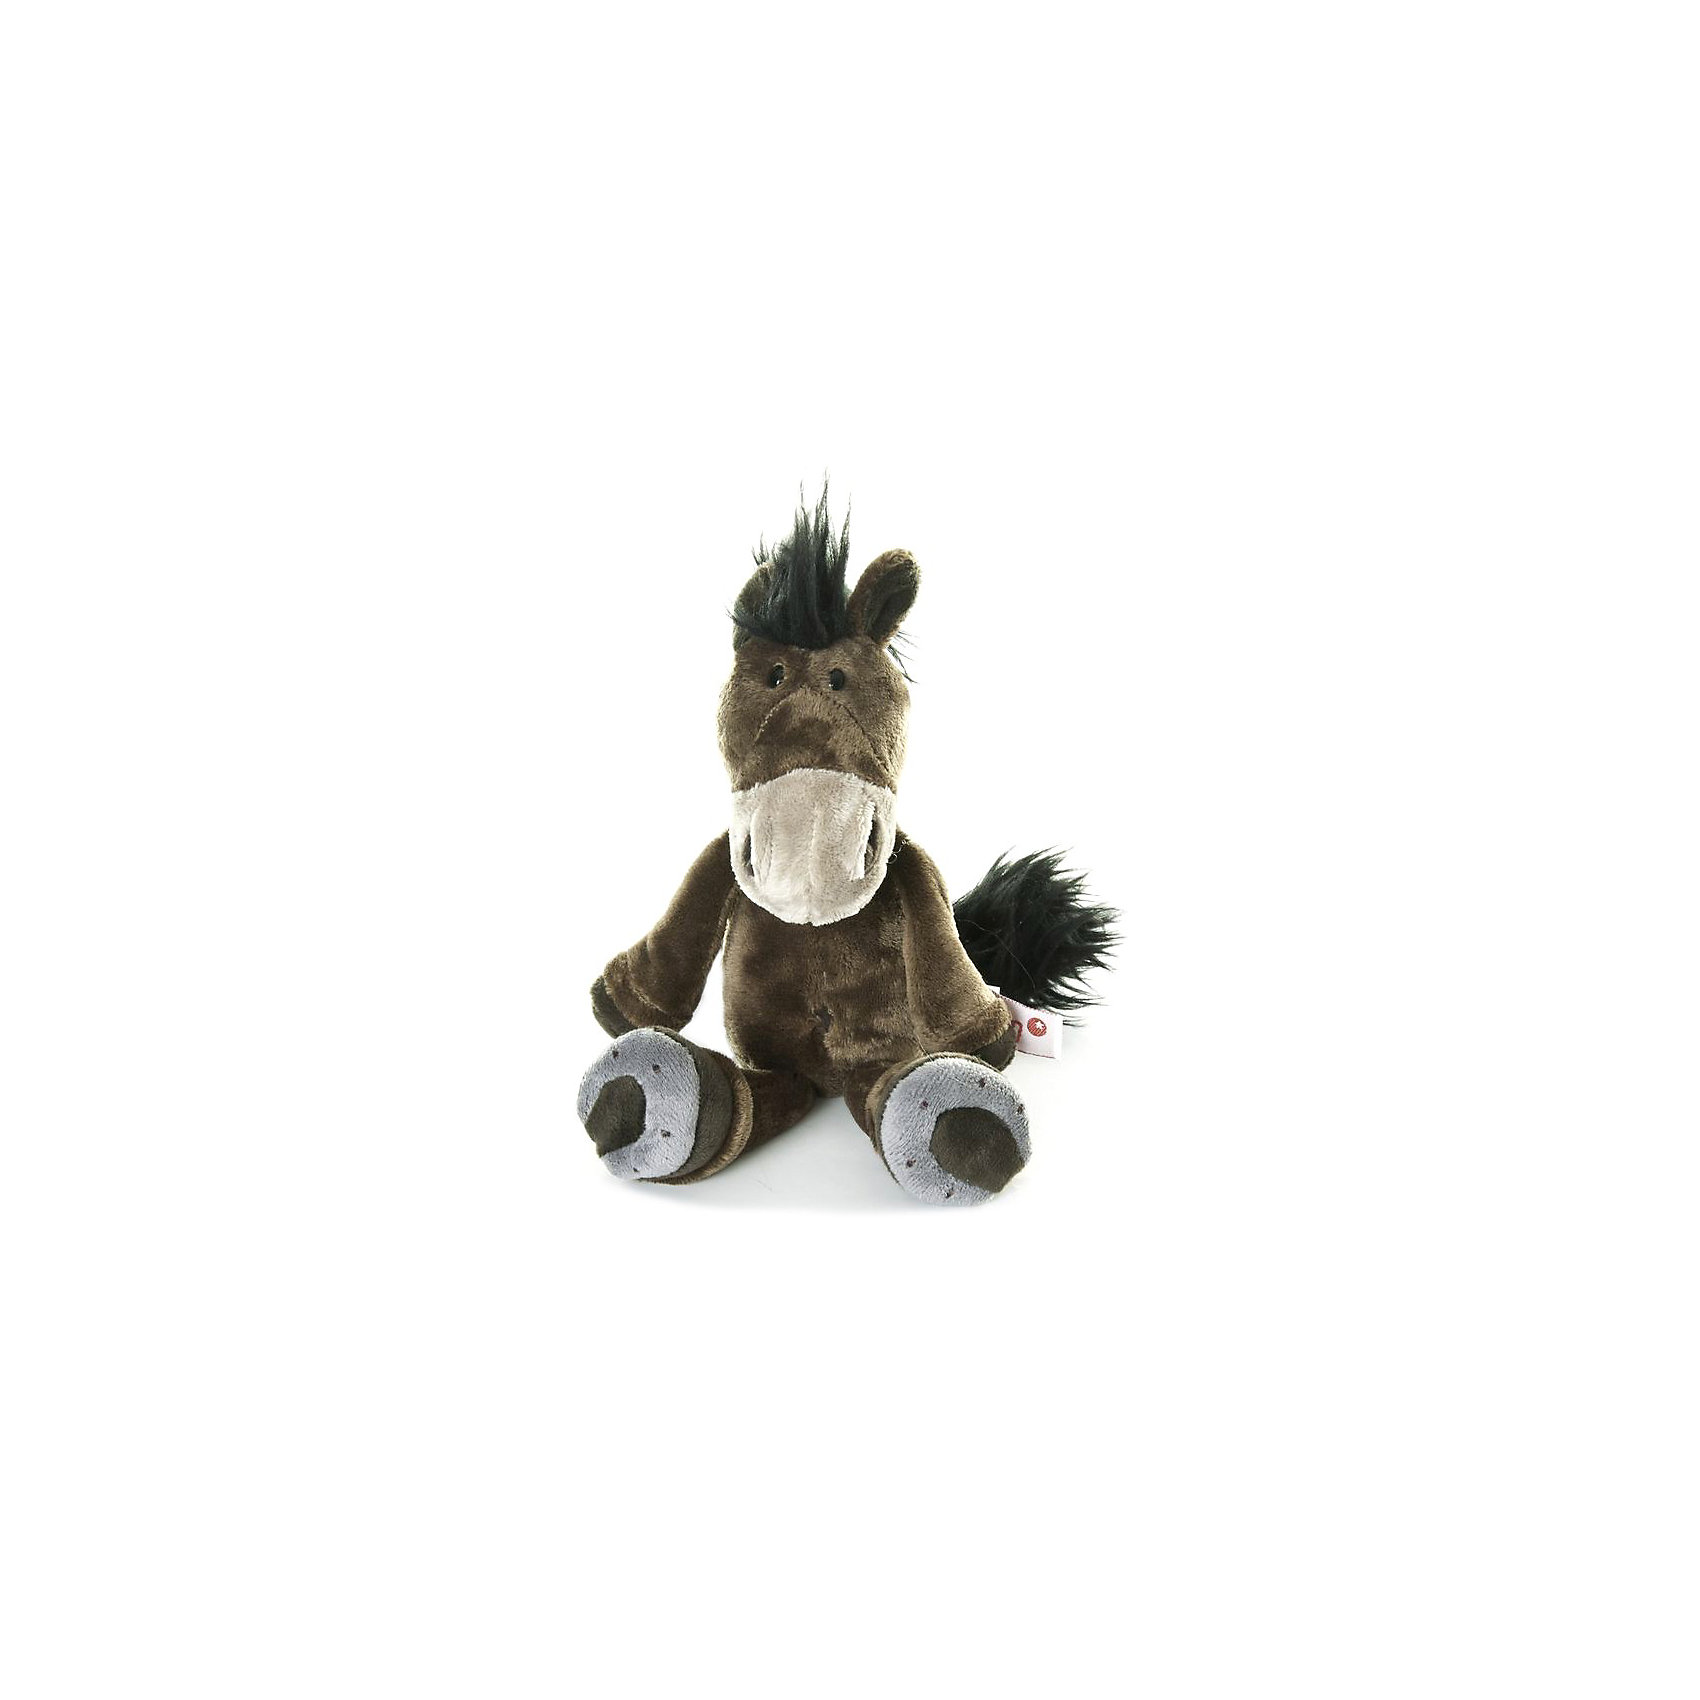 Лошадь коричневая, 25 см, NICIЛошадь коричневая от NICI — веселая игрушка, которая привлечет внимание вашего ребенка. Лошадка изготовлена из высококачественных и гипоаллергенных материалов.<br><br>Весёлая и задорная коричневая лошадка NICI послужит отличным подарком для детей и взрослых!<br> <br>Дополнительная информация:<br><br>- Размер(ДхШхВ), см: 7 х 17 х 7<br>- Материал: Плюш, синтепон<br>- Вес: 160 г.<br><br>Игрушку Лошадь коричневая, 25 см, NICI можно купить в нашем интернет-магазине<br><br>Ширина мм: 70<br>Глубина мм: 70<br>Высота мм: 170<br>Вес г: 154<br>Возраст от месяцев: 36<br>Возраст до месяцев: 192<br>Пол: Унисекс<br>Возраст: Детский<br>SKU: 3375377